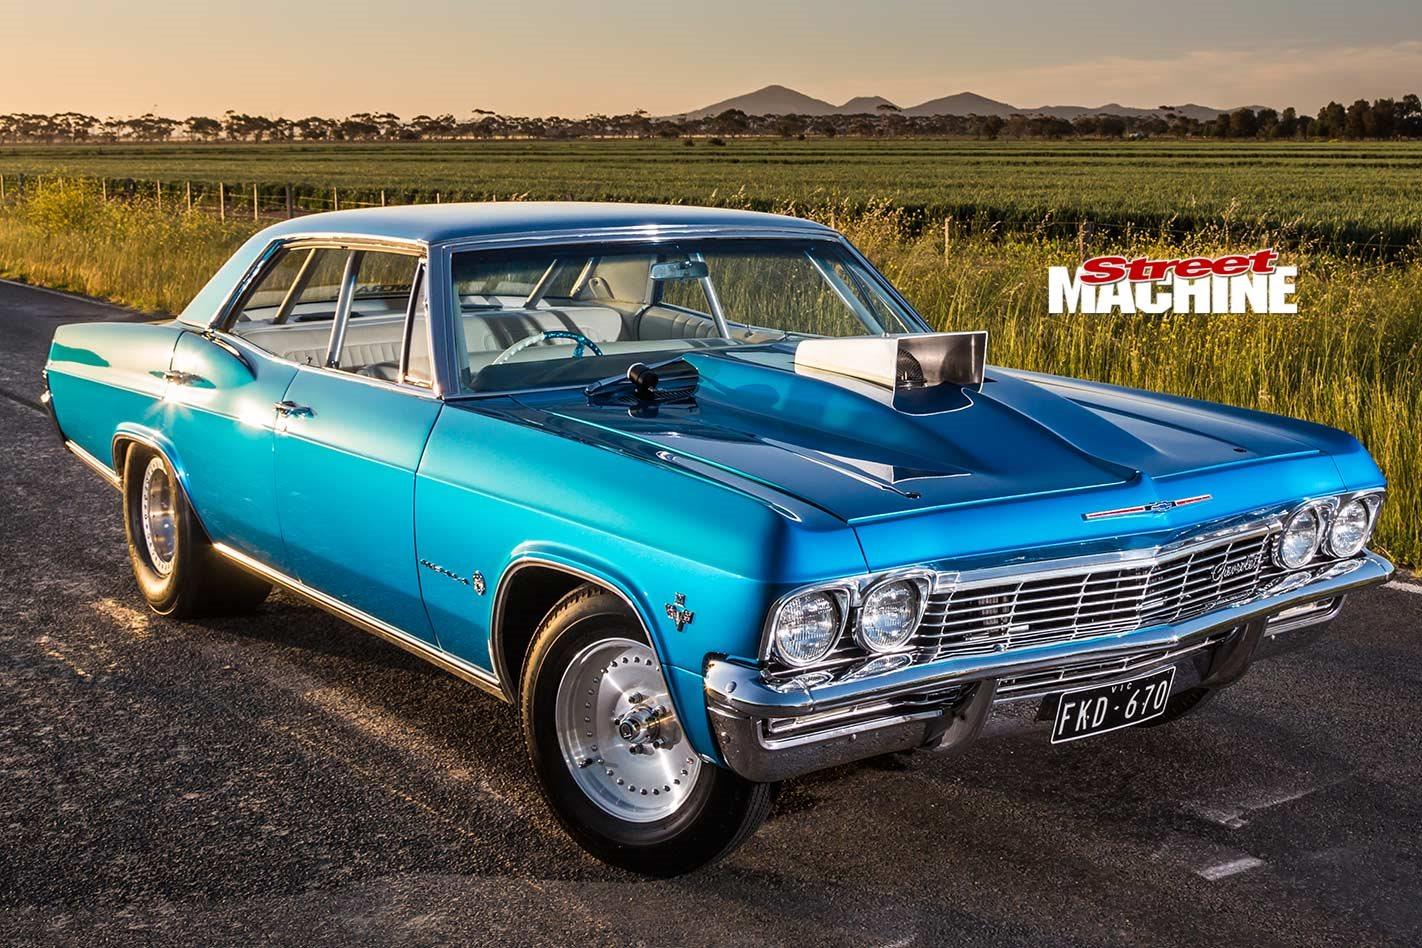 Kelebihan Kekurangan Impala 65 Harga